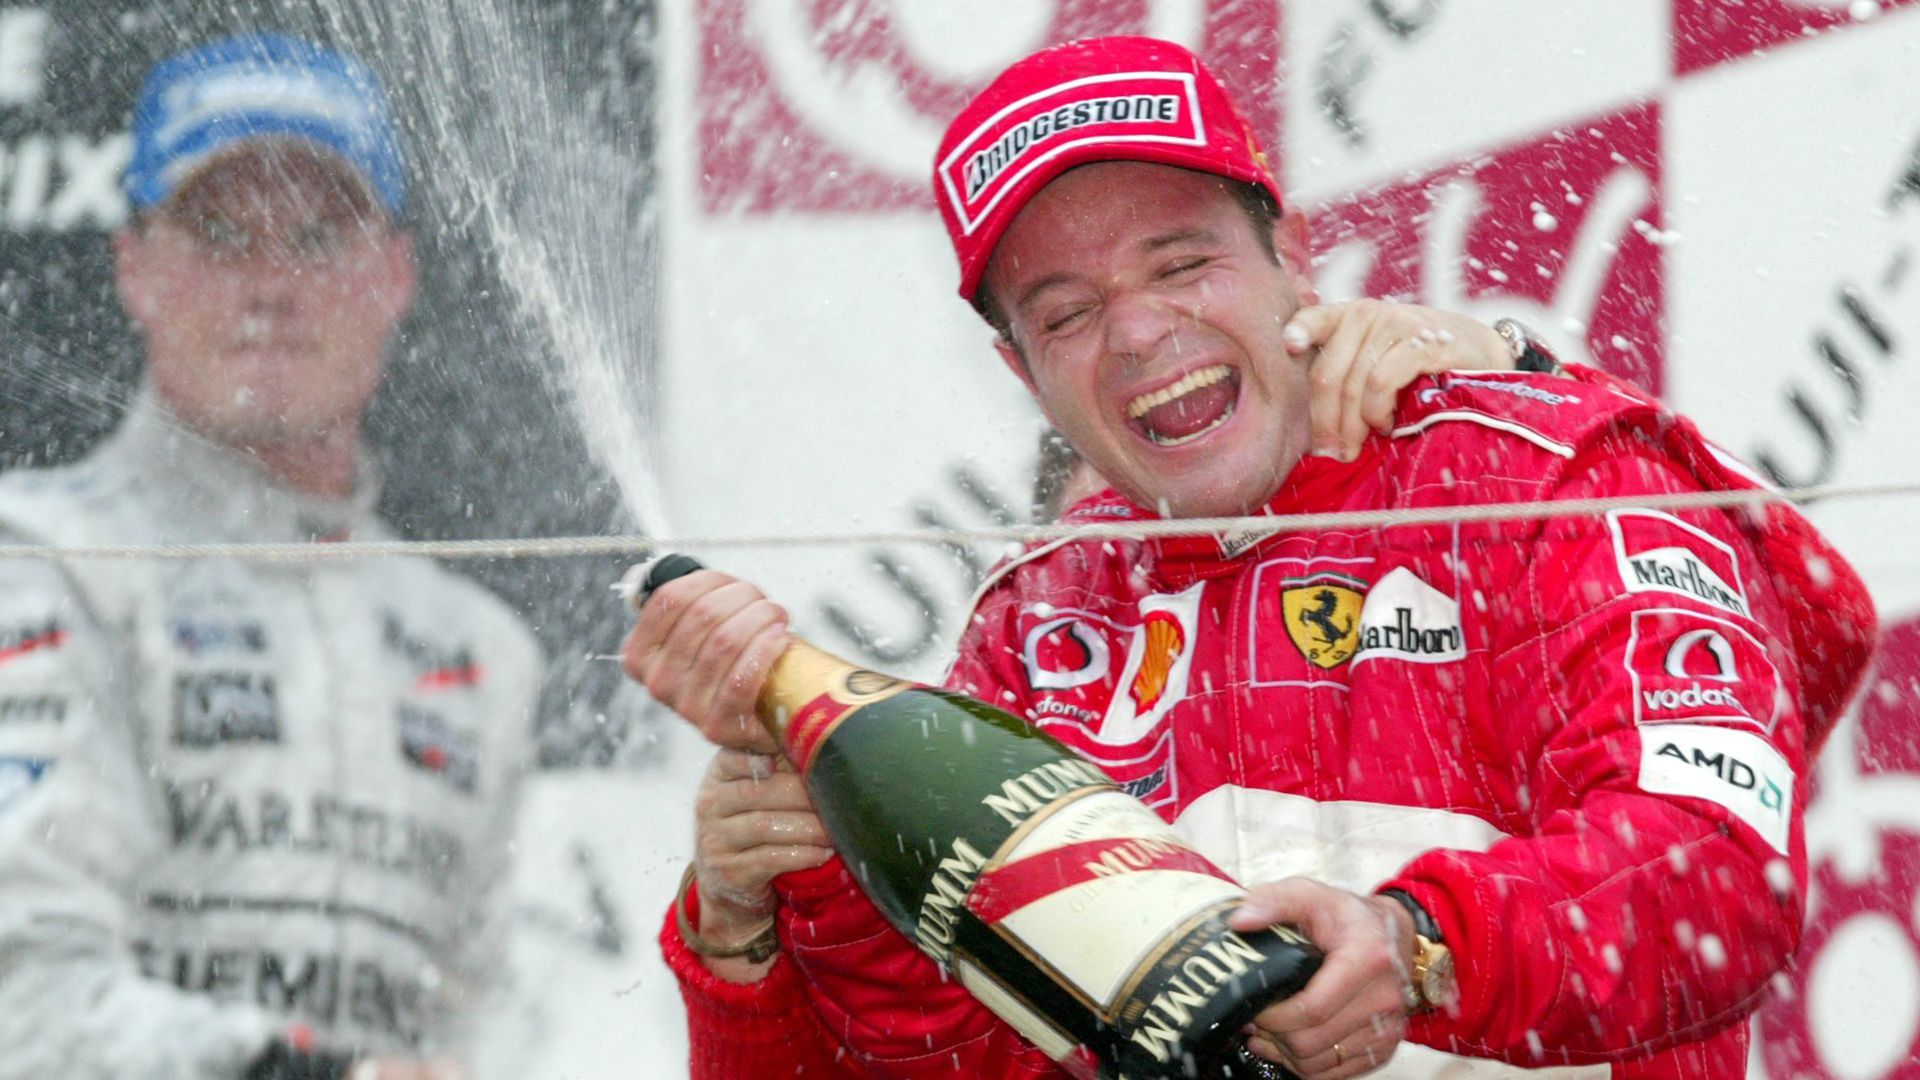 Rubens Barrichello cuando estuvo en Ferrari en la F1 (entre 2000 y 2005)